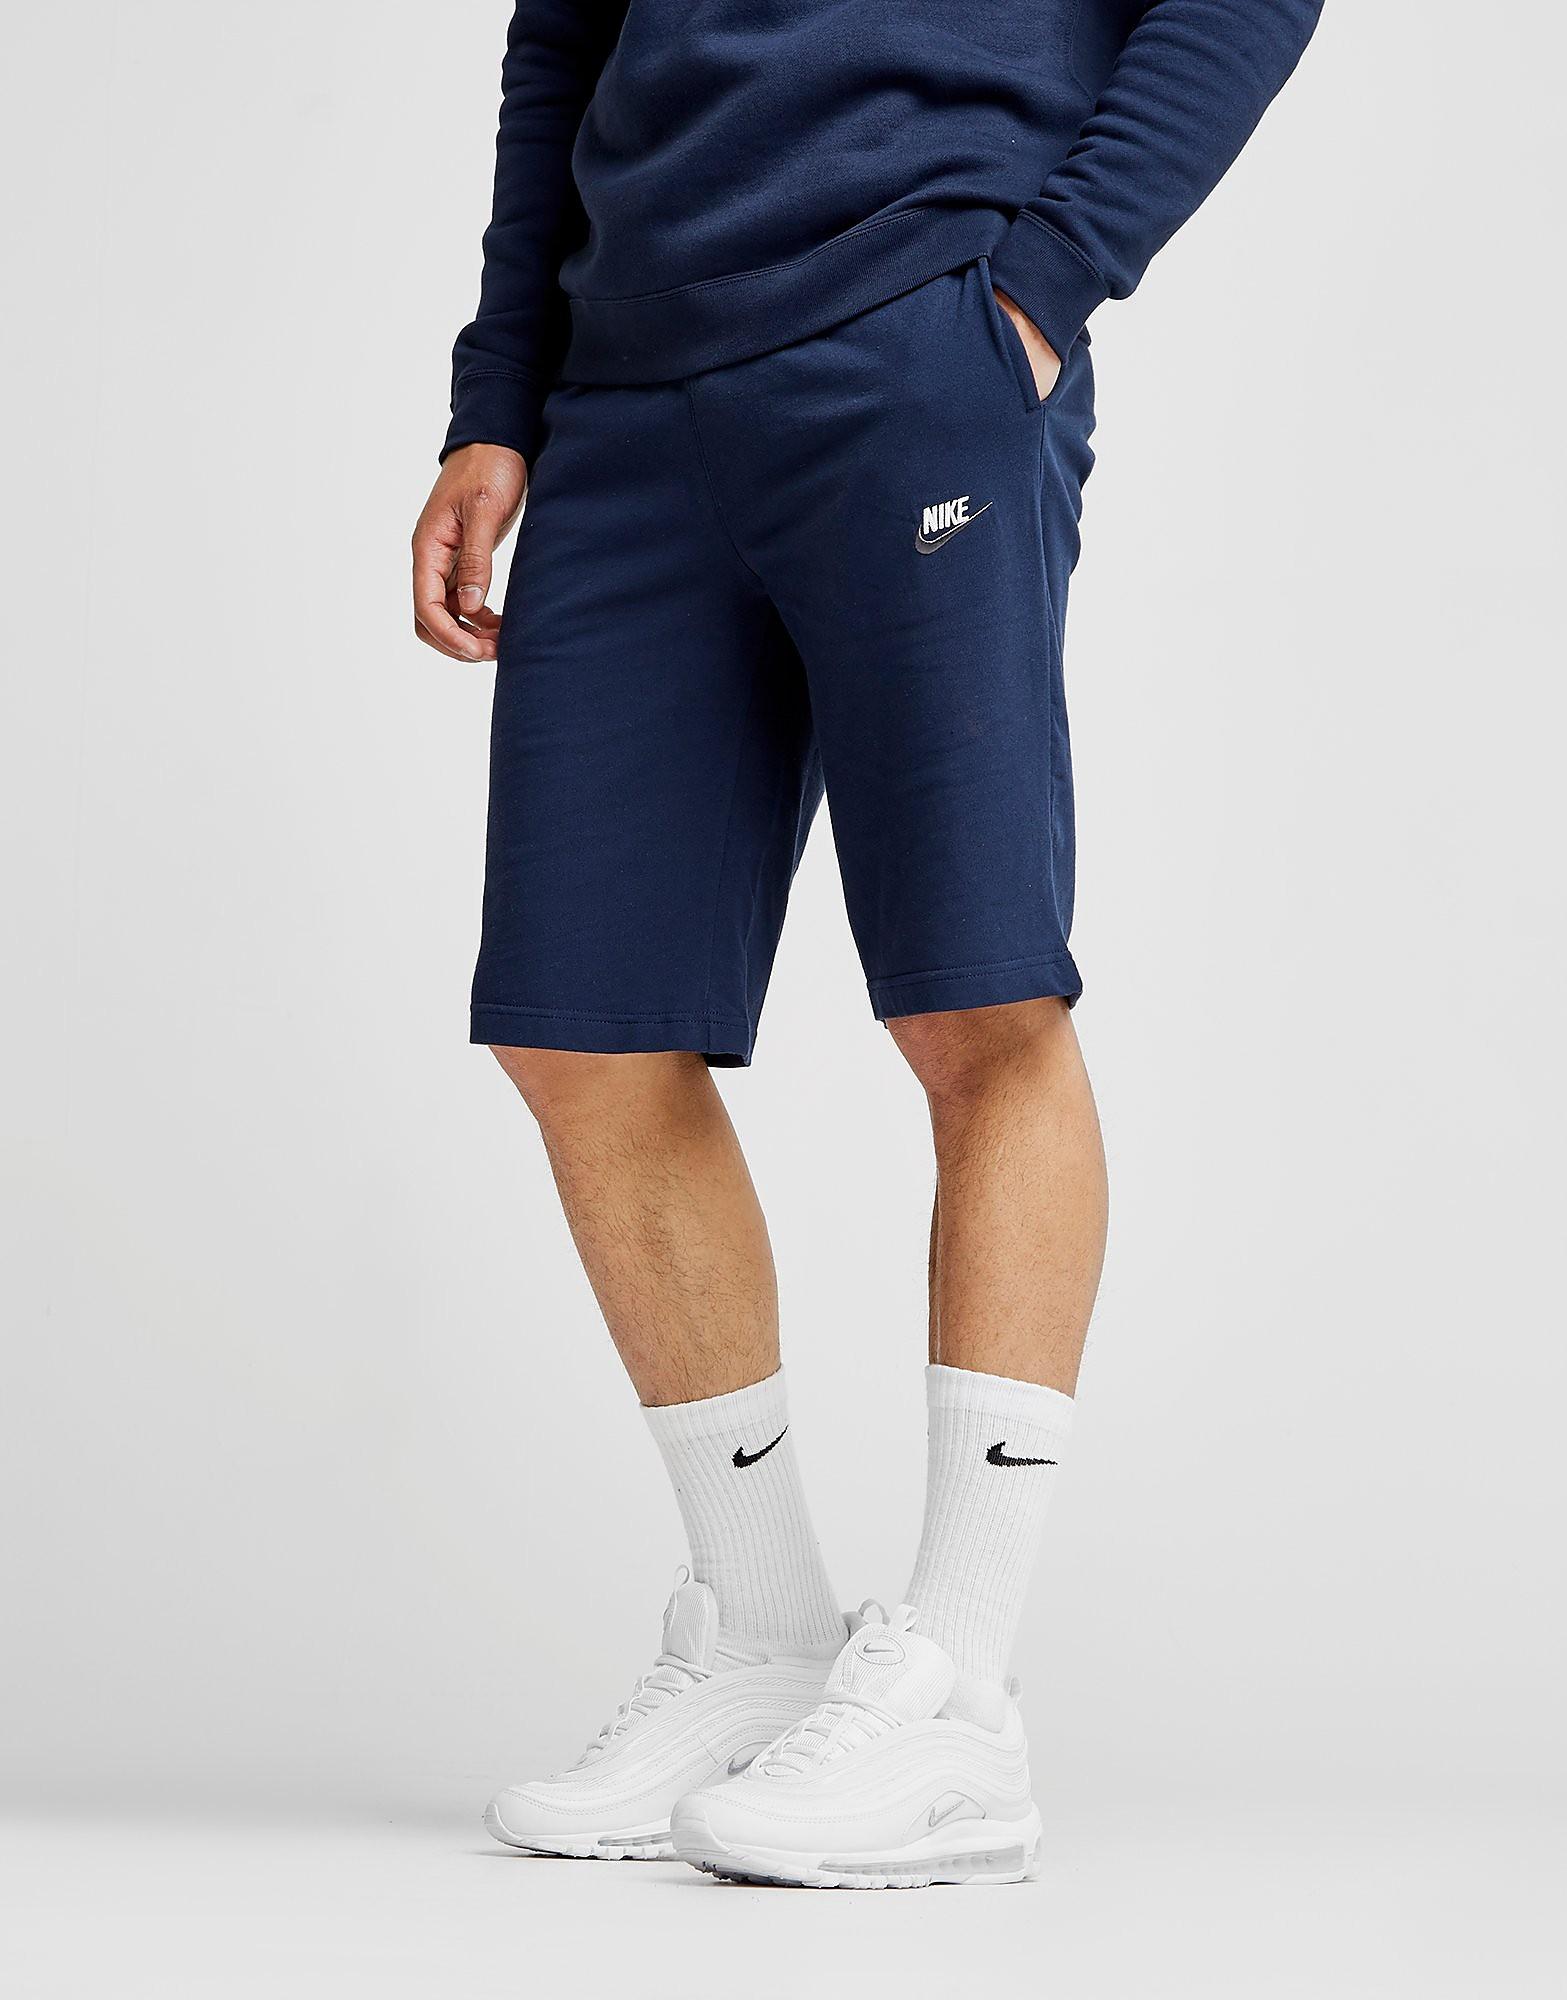 Nike Foundation 2 Shorts Herre